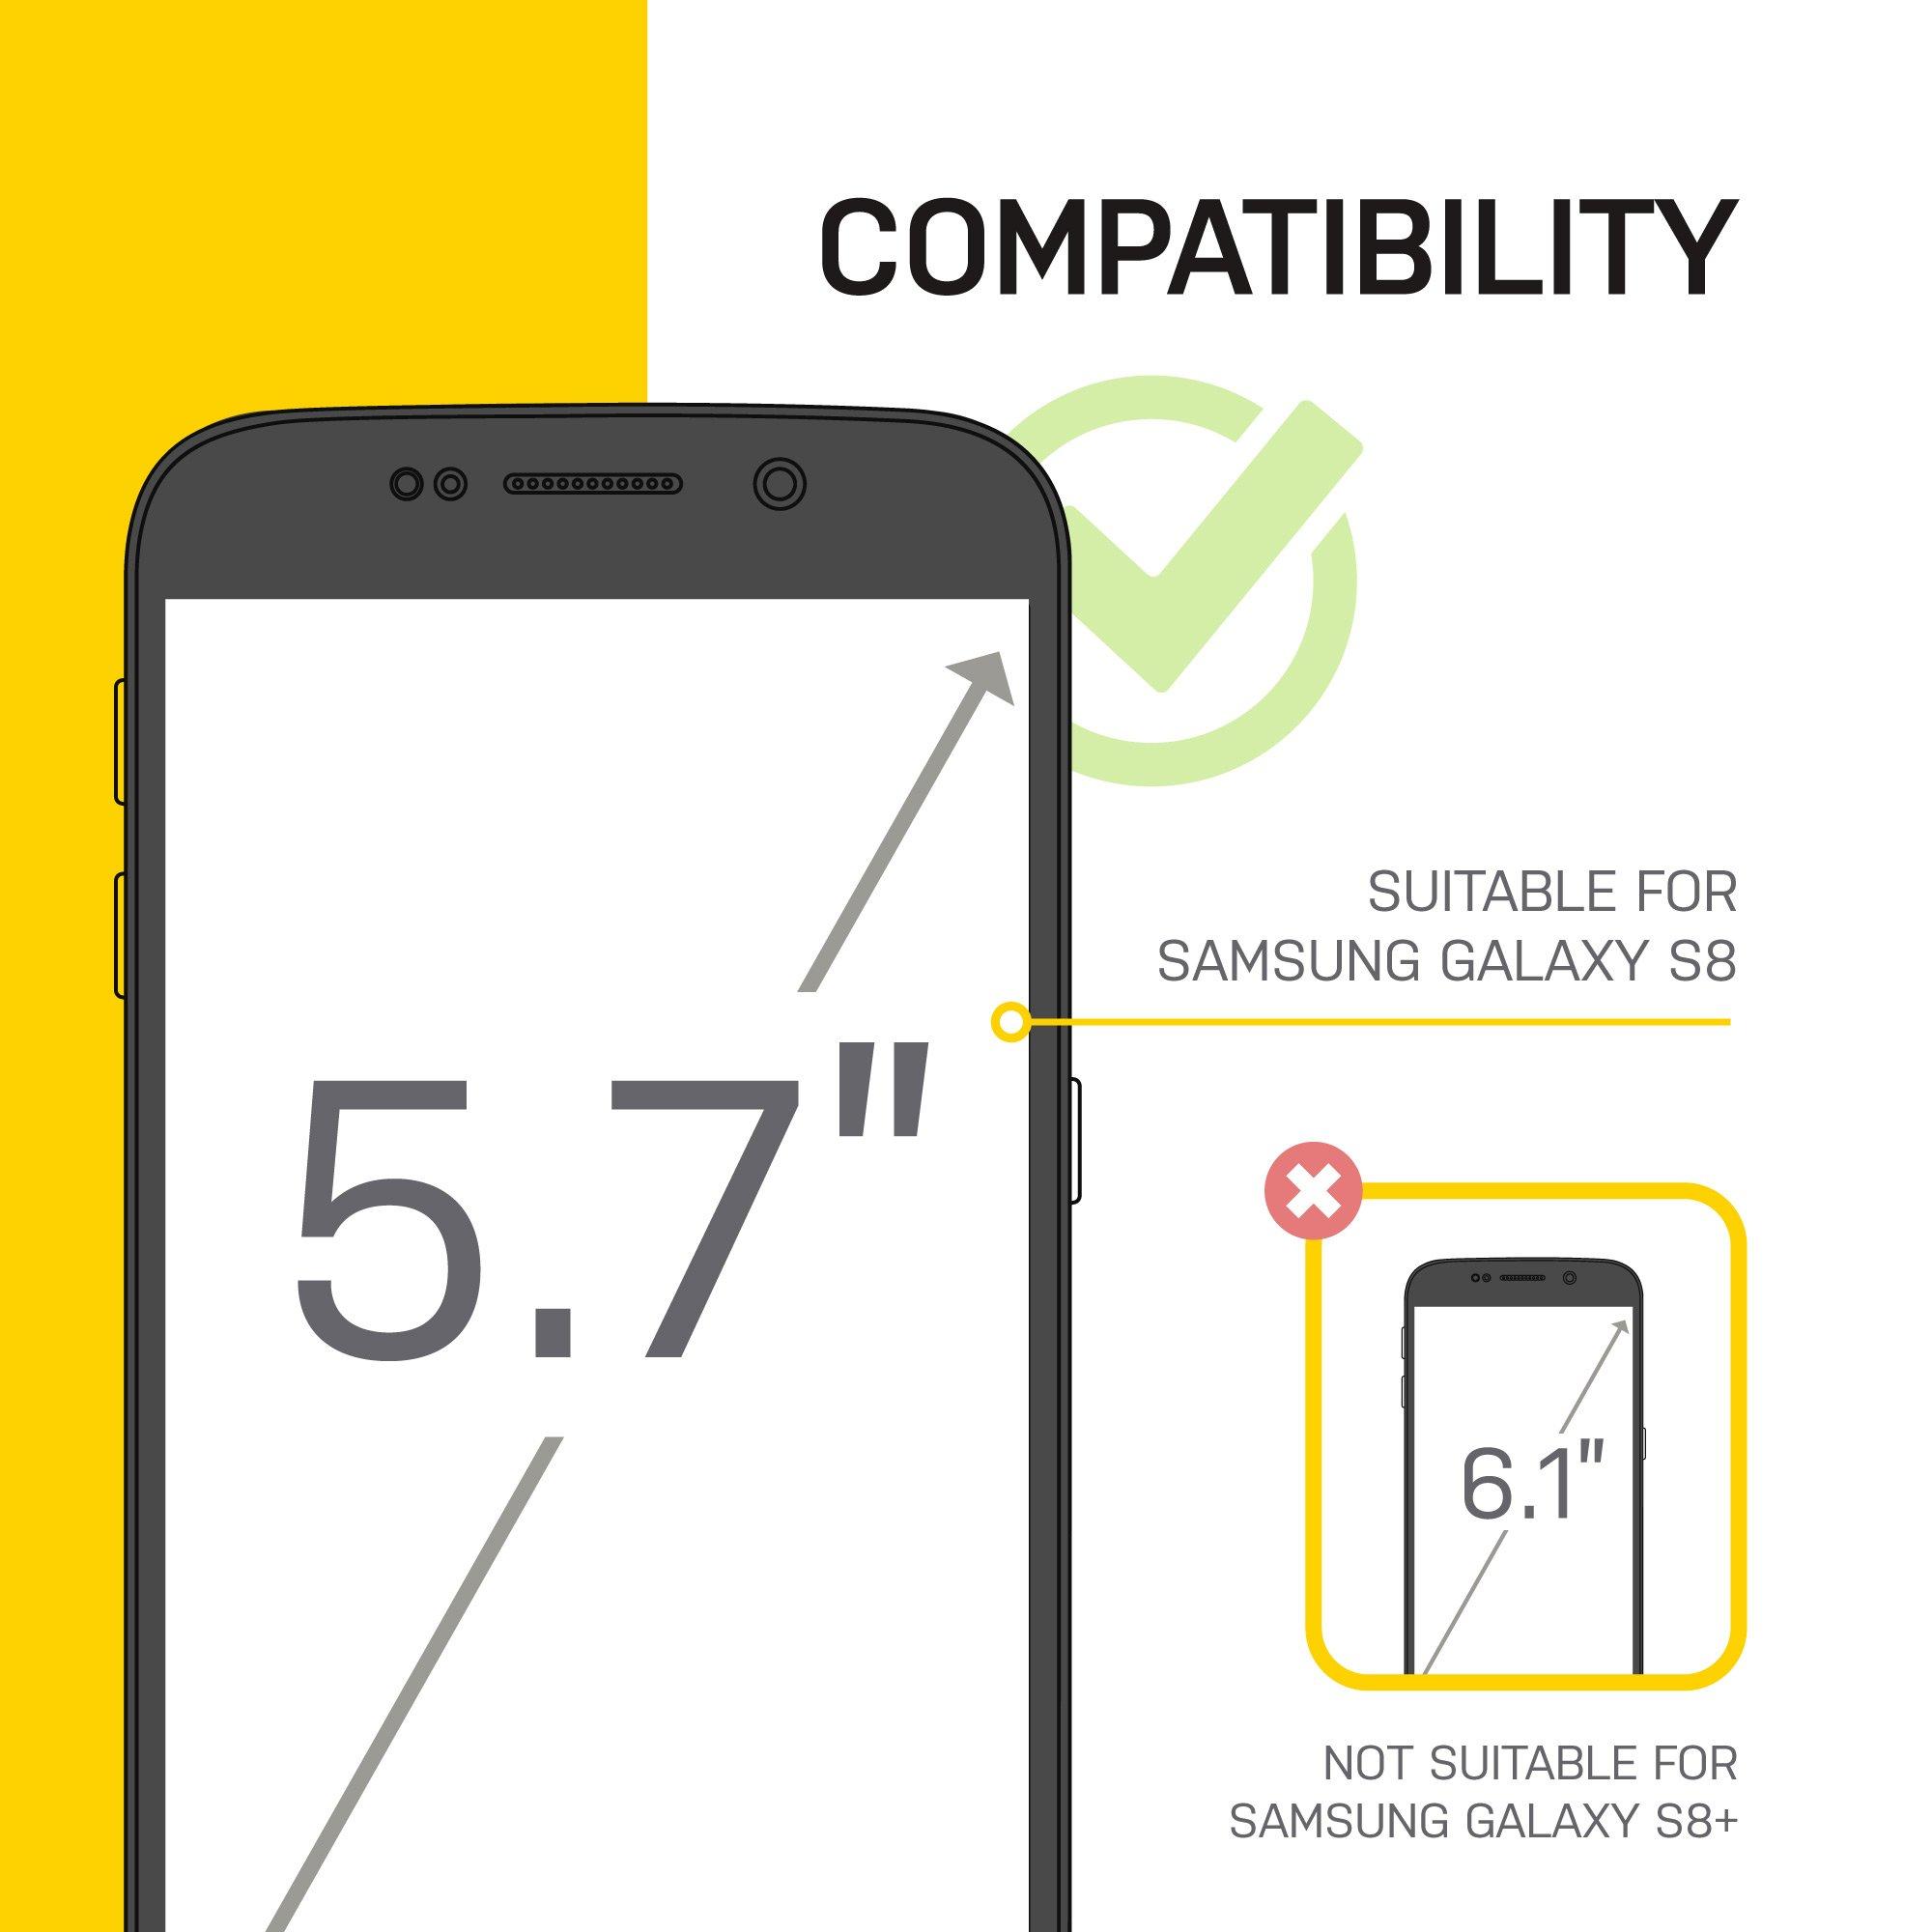 Lifeproof FRĒ SERIES Waterproof Case for Samsung Galaxy S8 (ONLY) - Retail Packaging - ASPHALT (BLACK/DARK GREY) by LifeProof (Image #7)